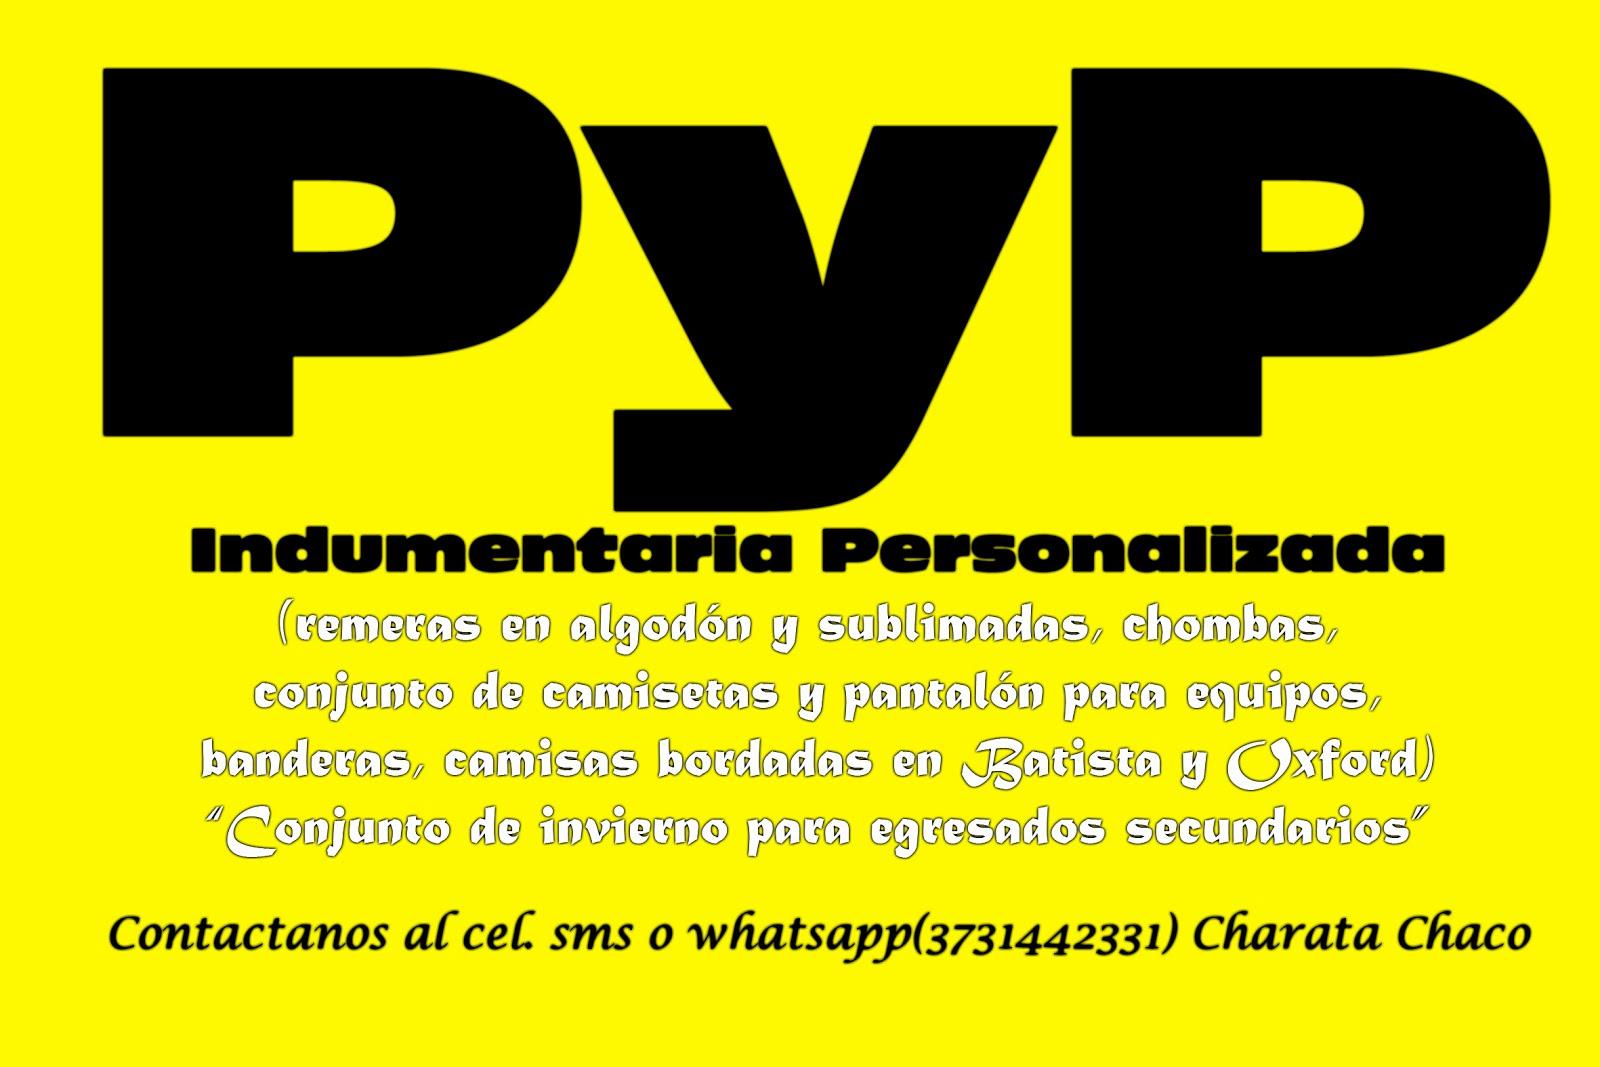 PYP PUBLICIDAD